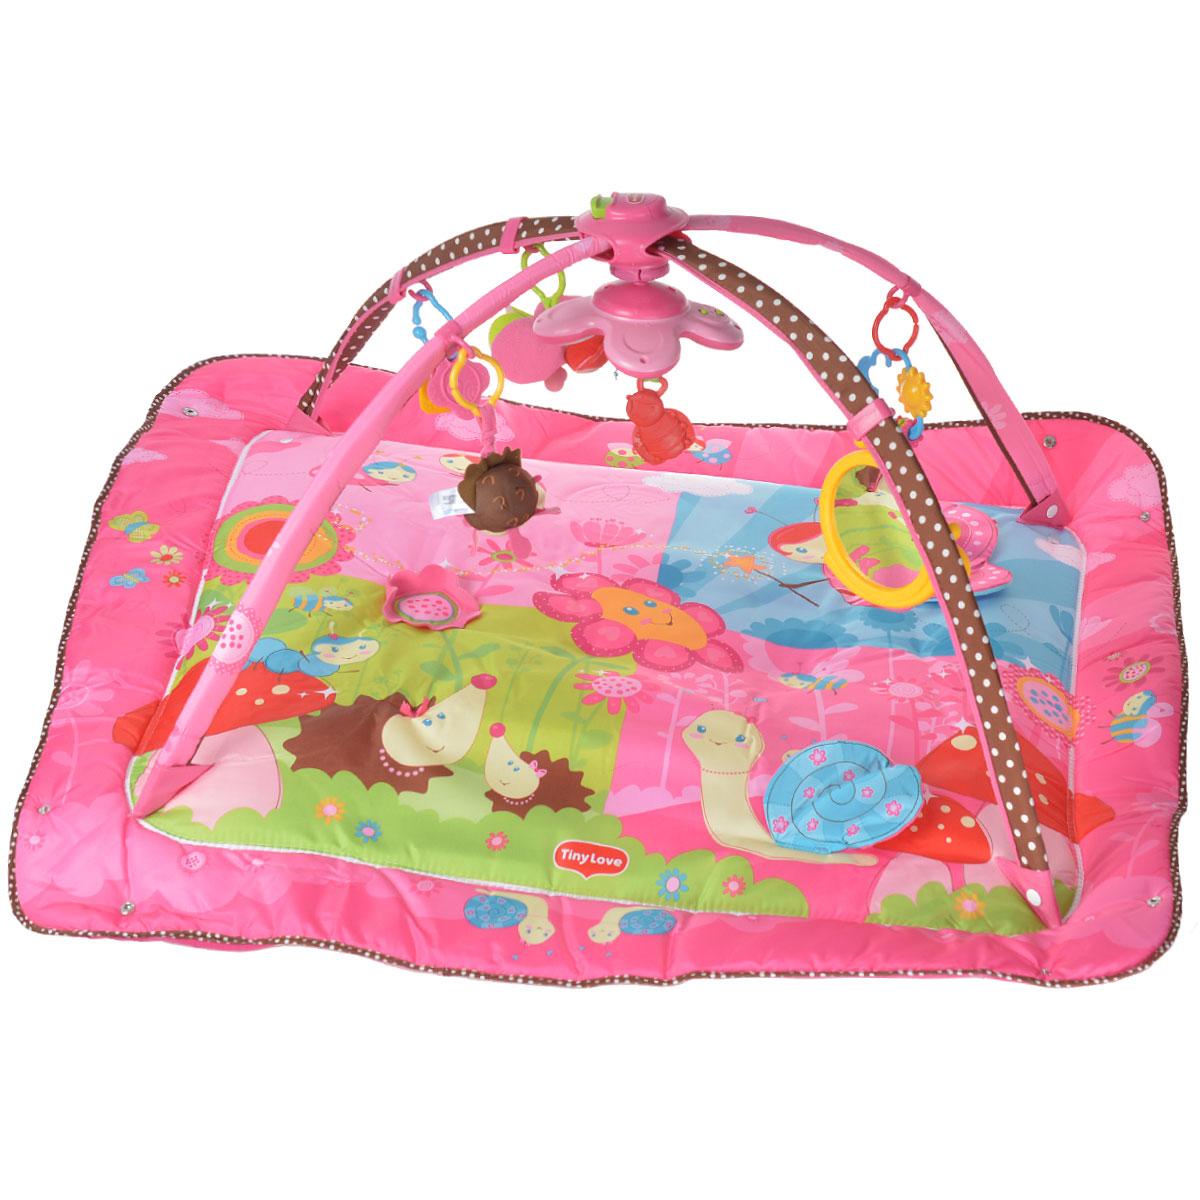 Развивающий коврик  Моя принцесса , 5 в 1, цвет: розовый - Игрушки для малышей